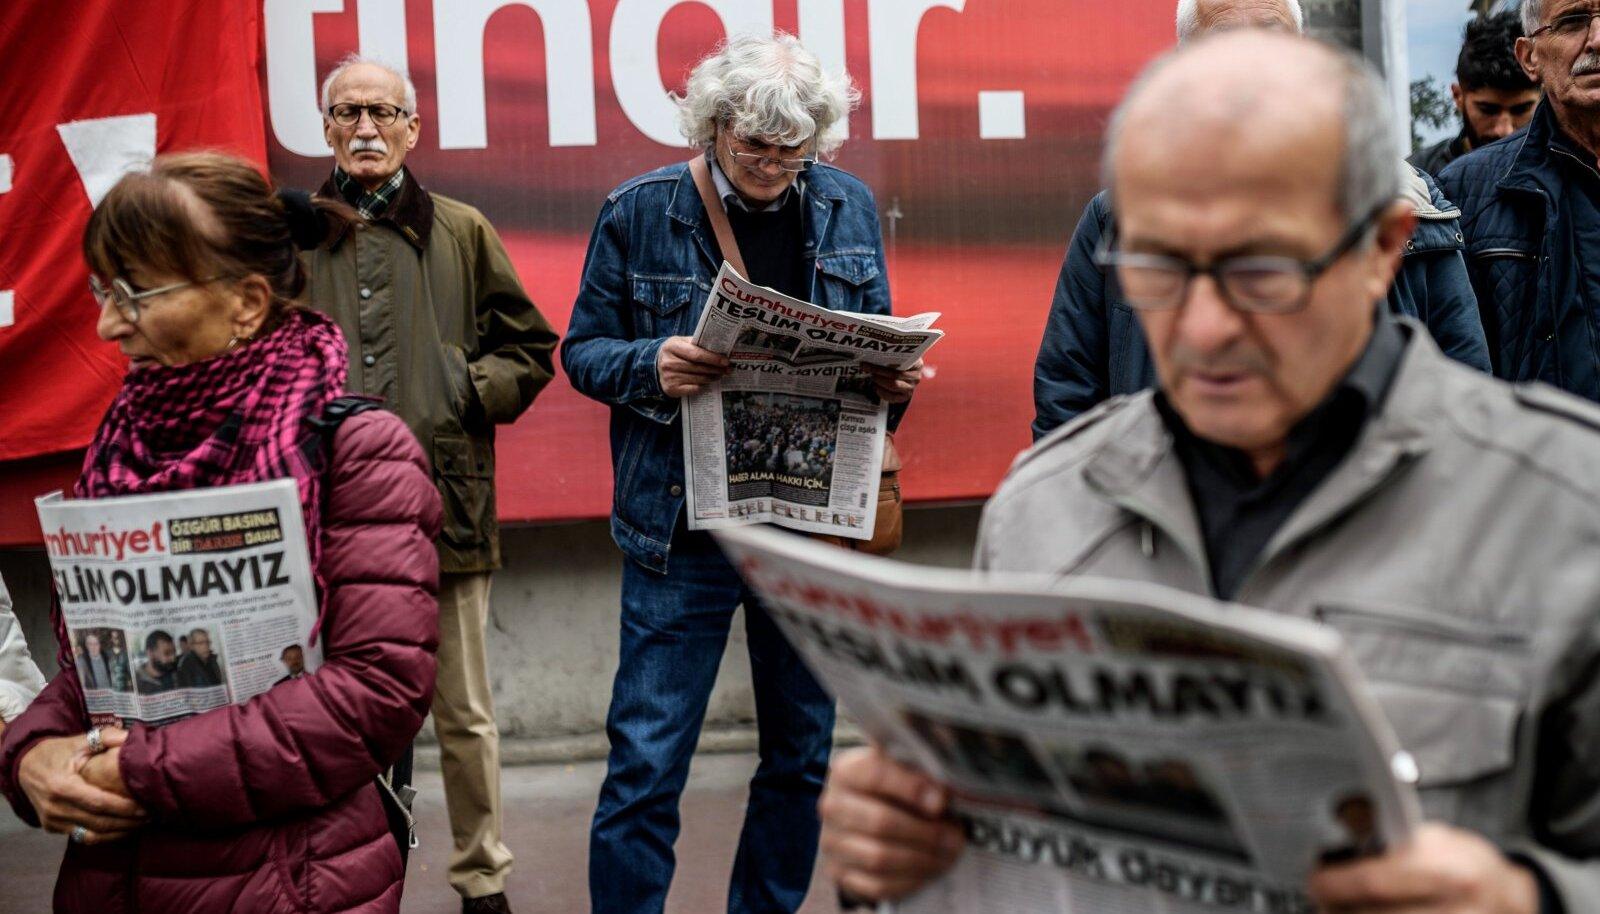 Türgi oli 2006. aastal tabelis 98. kohal, nüüd 151. kohal. Esmaspäeval vahistati suure päevalehe Cumhuriyet peatoimetaja.